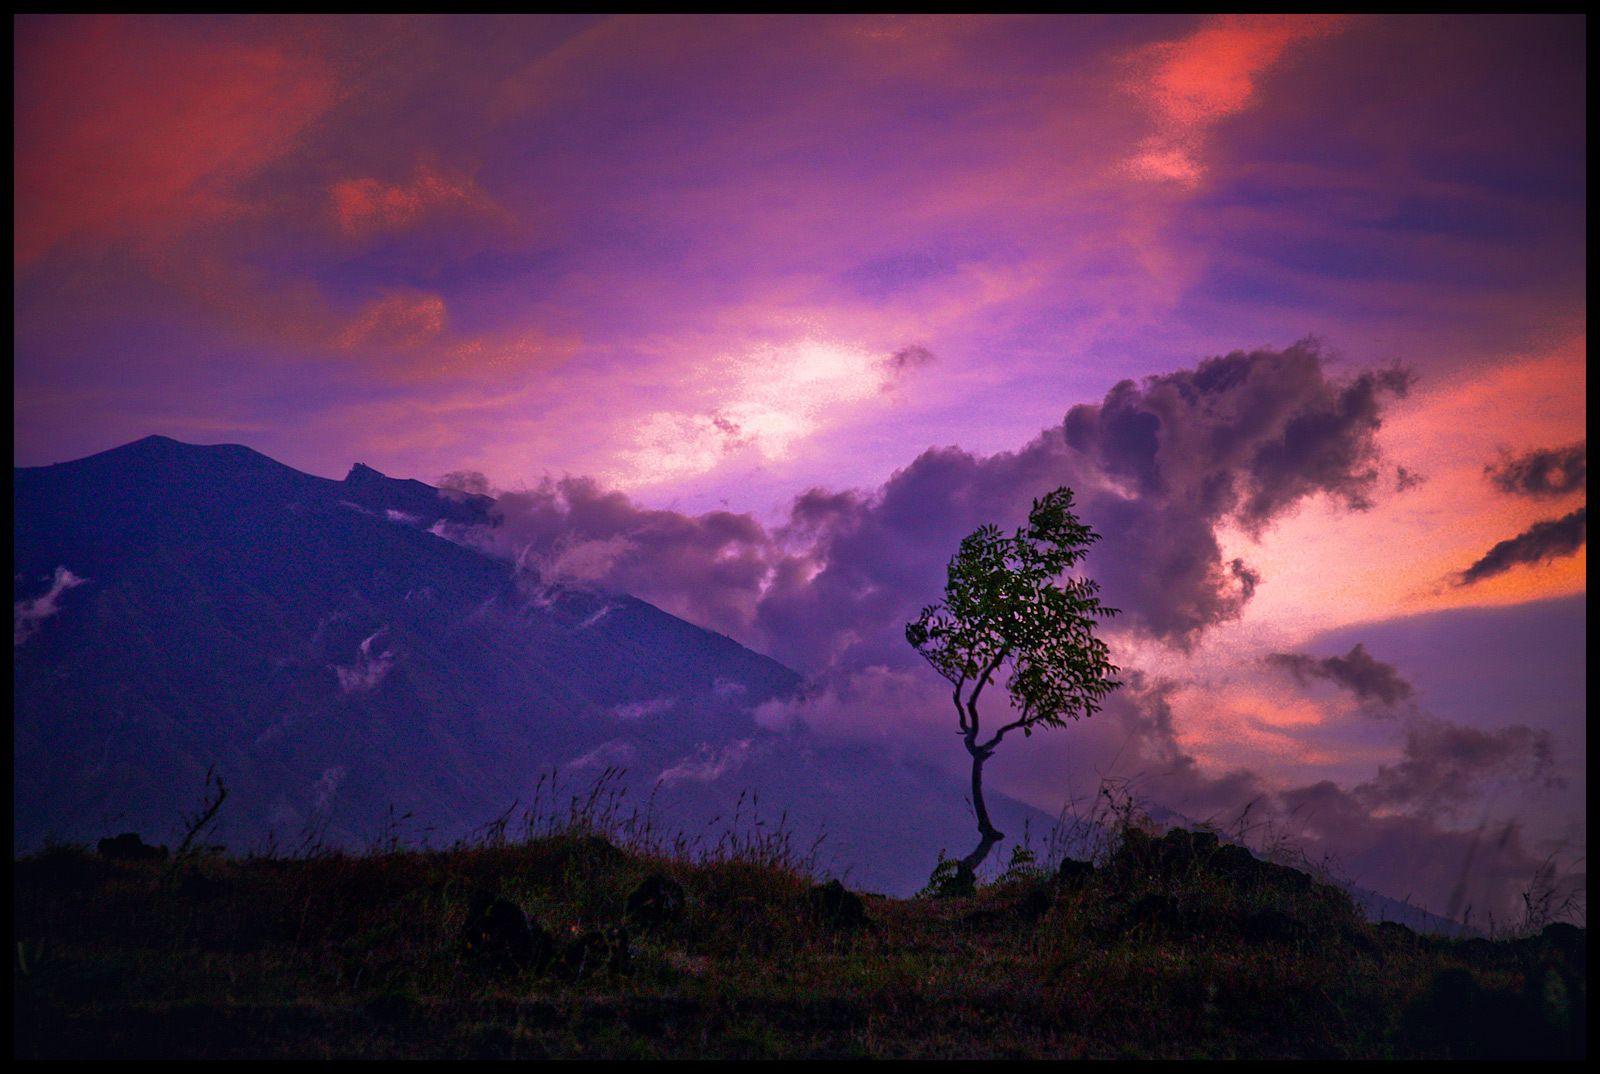 Mount Batur volcano, Bali